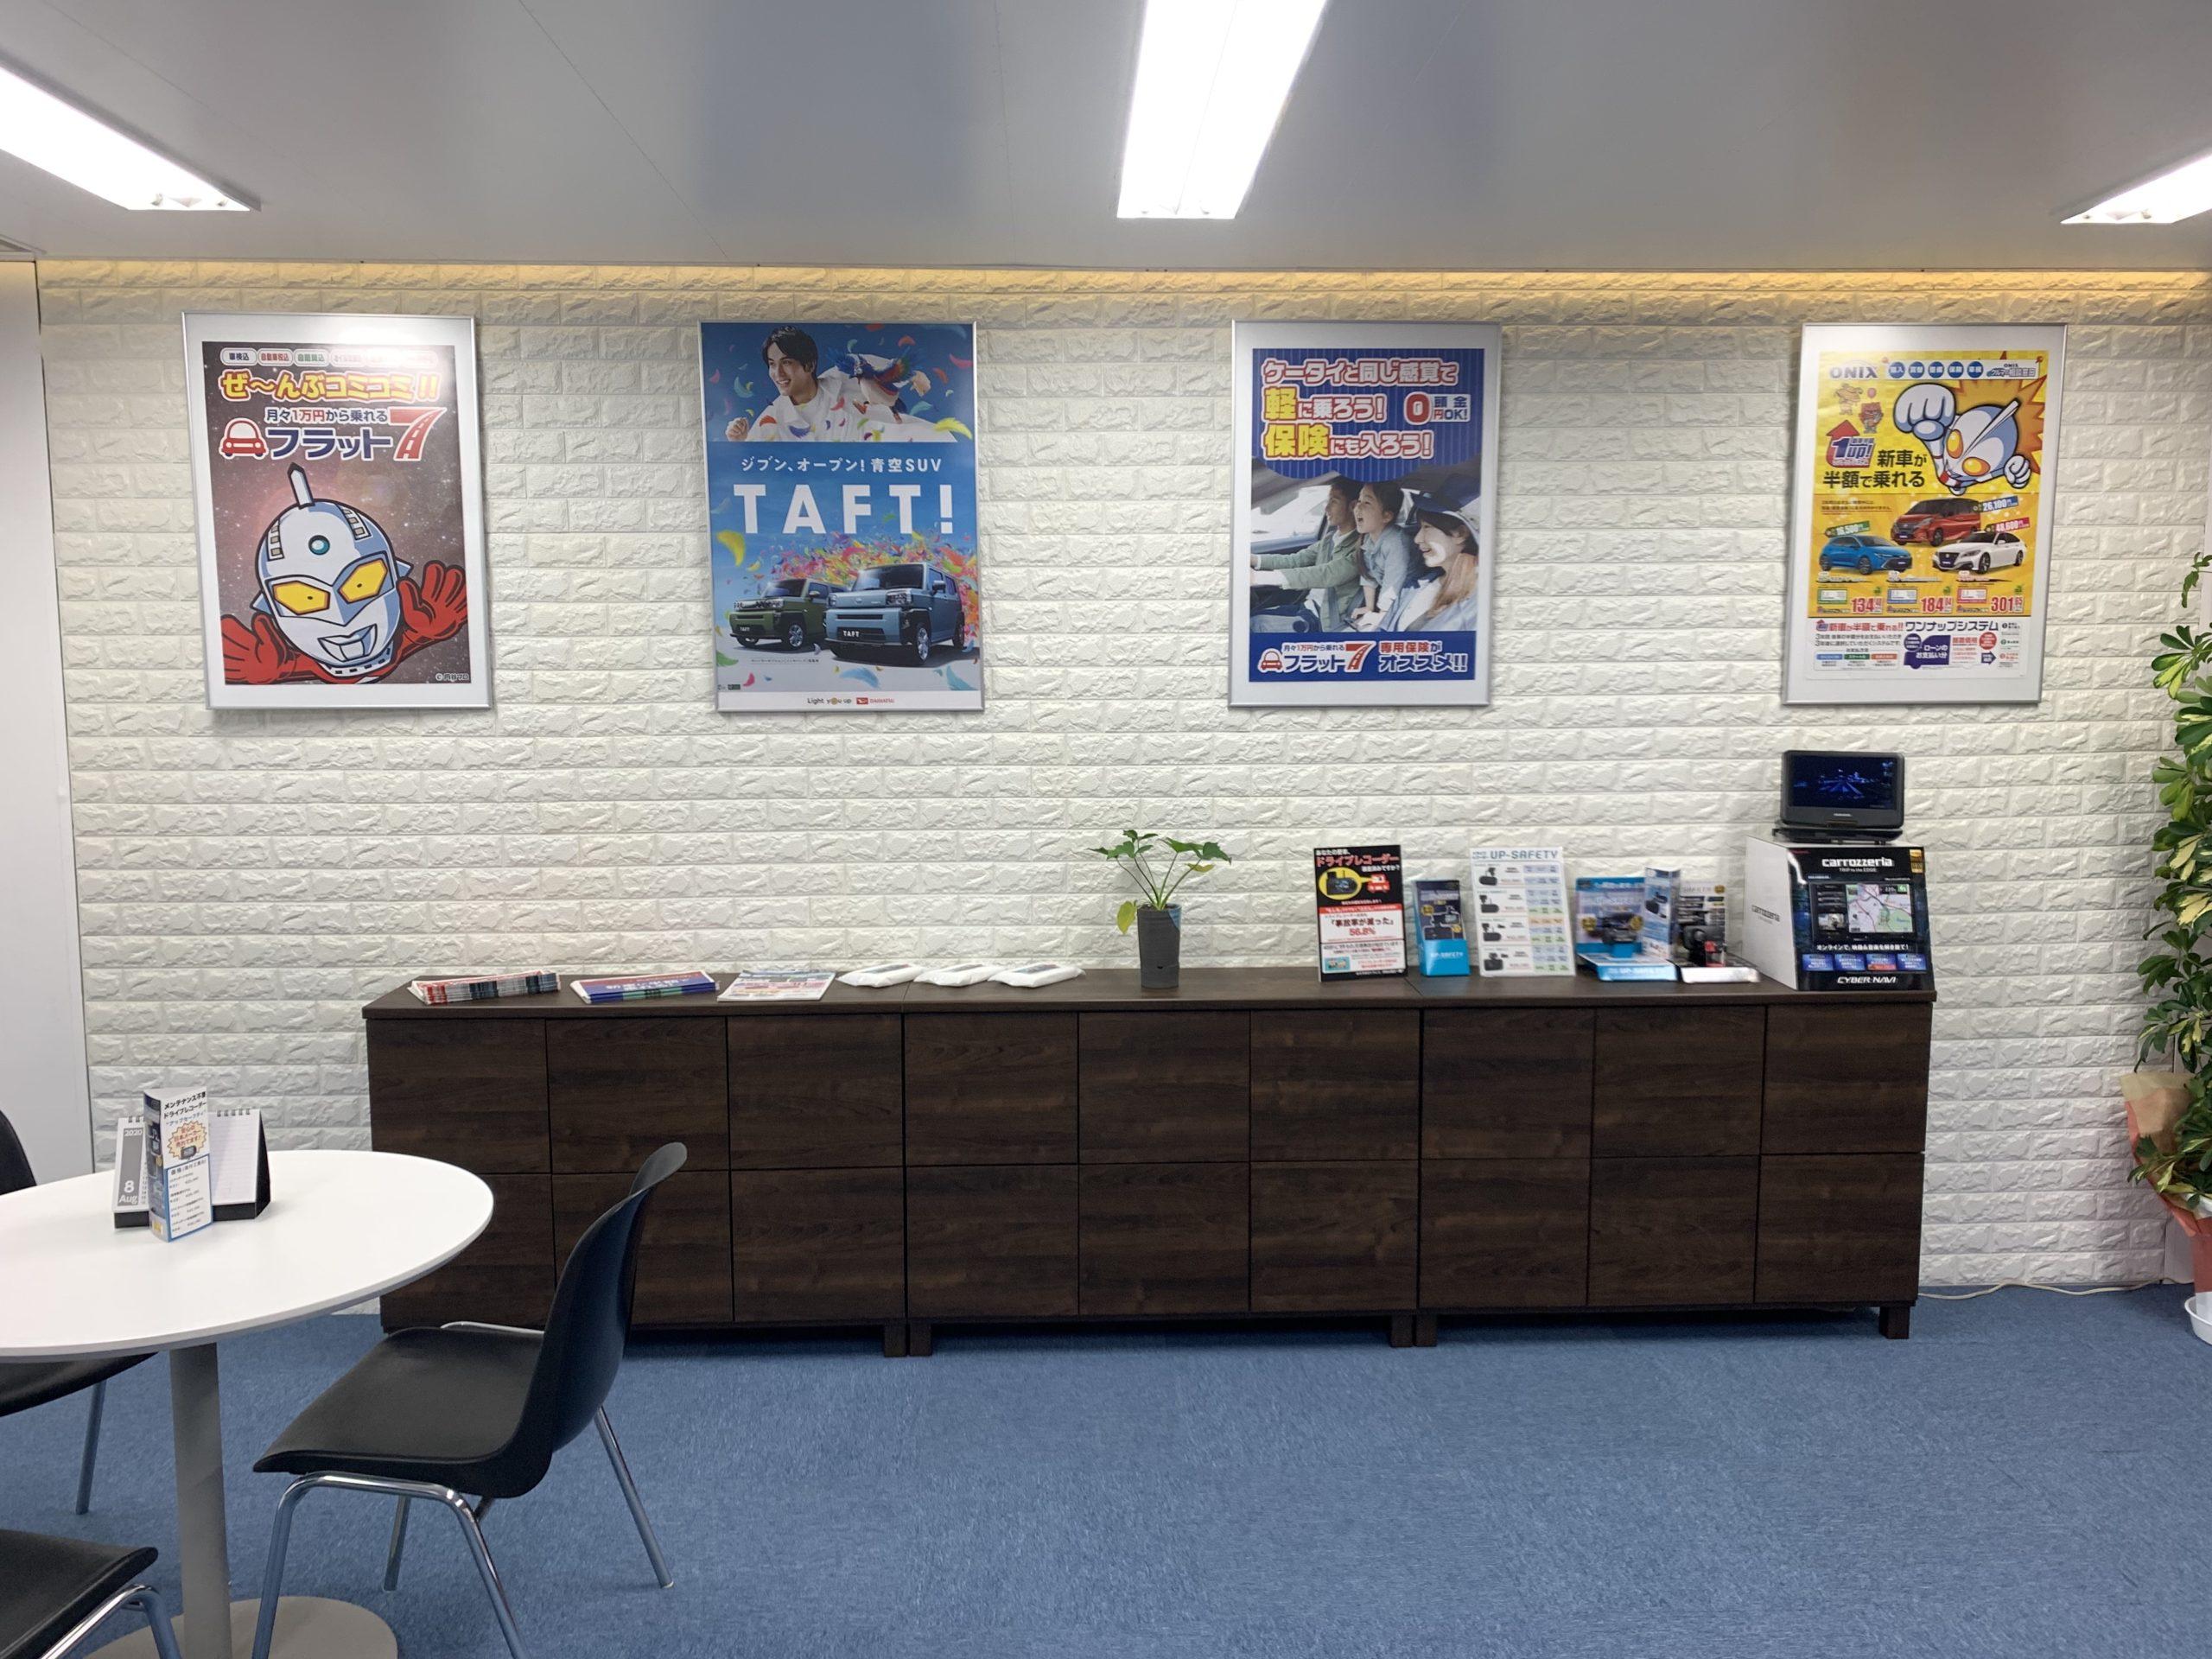 フラット7いせさきの新商談スペースにポスター追加!|伊勢崎市カーリースならフラット7いせさき